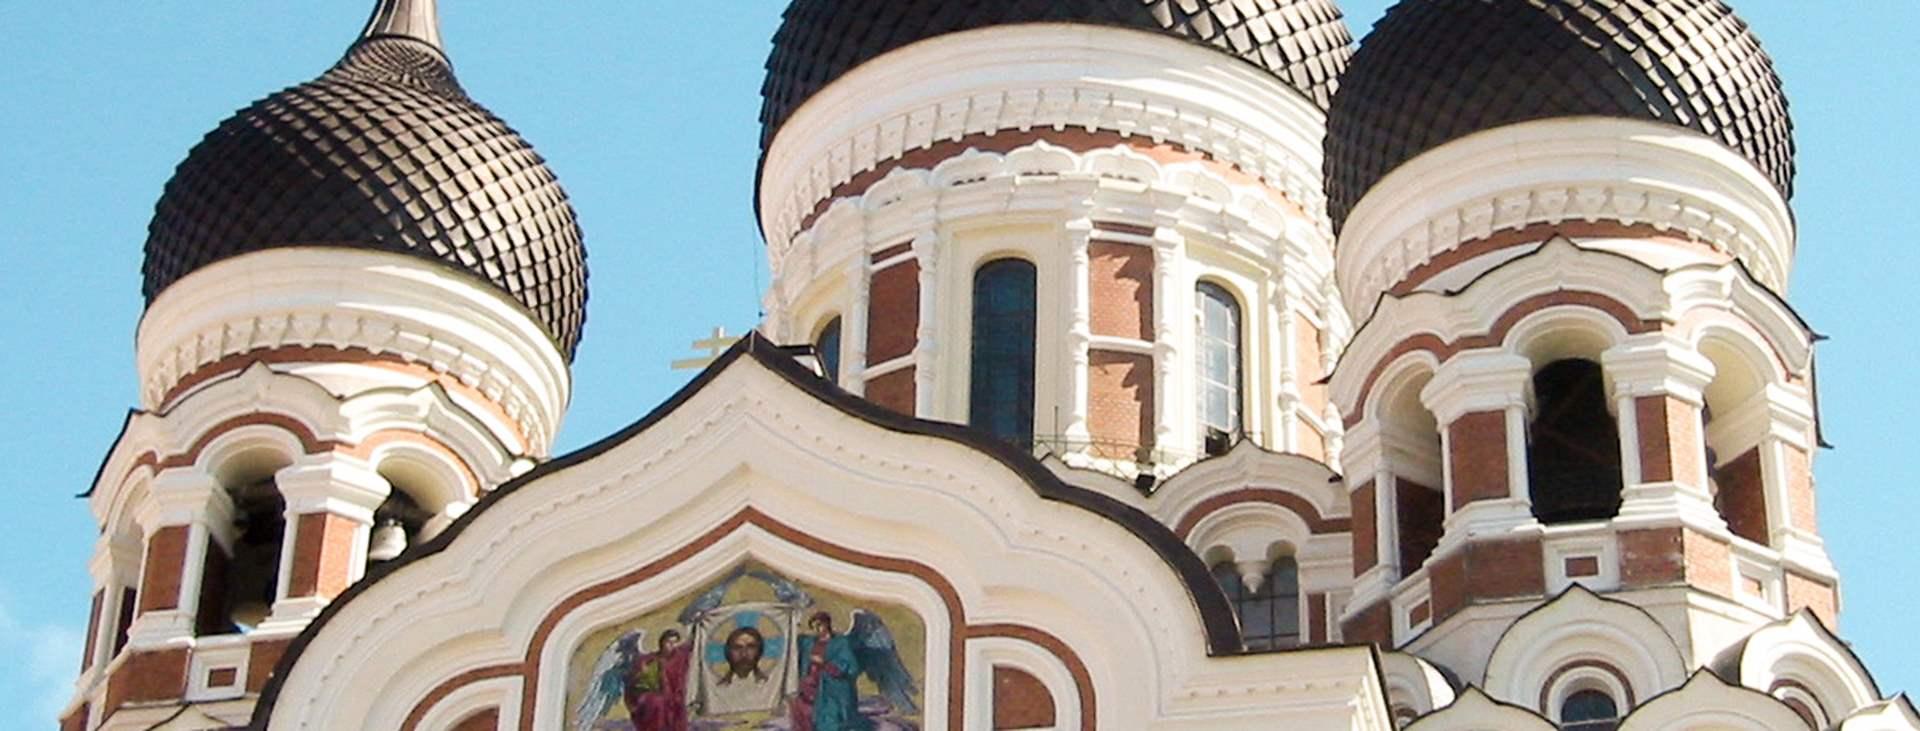 Boka en weekend till Estland med flyg och hotell